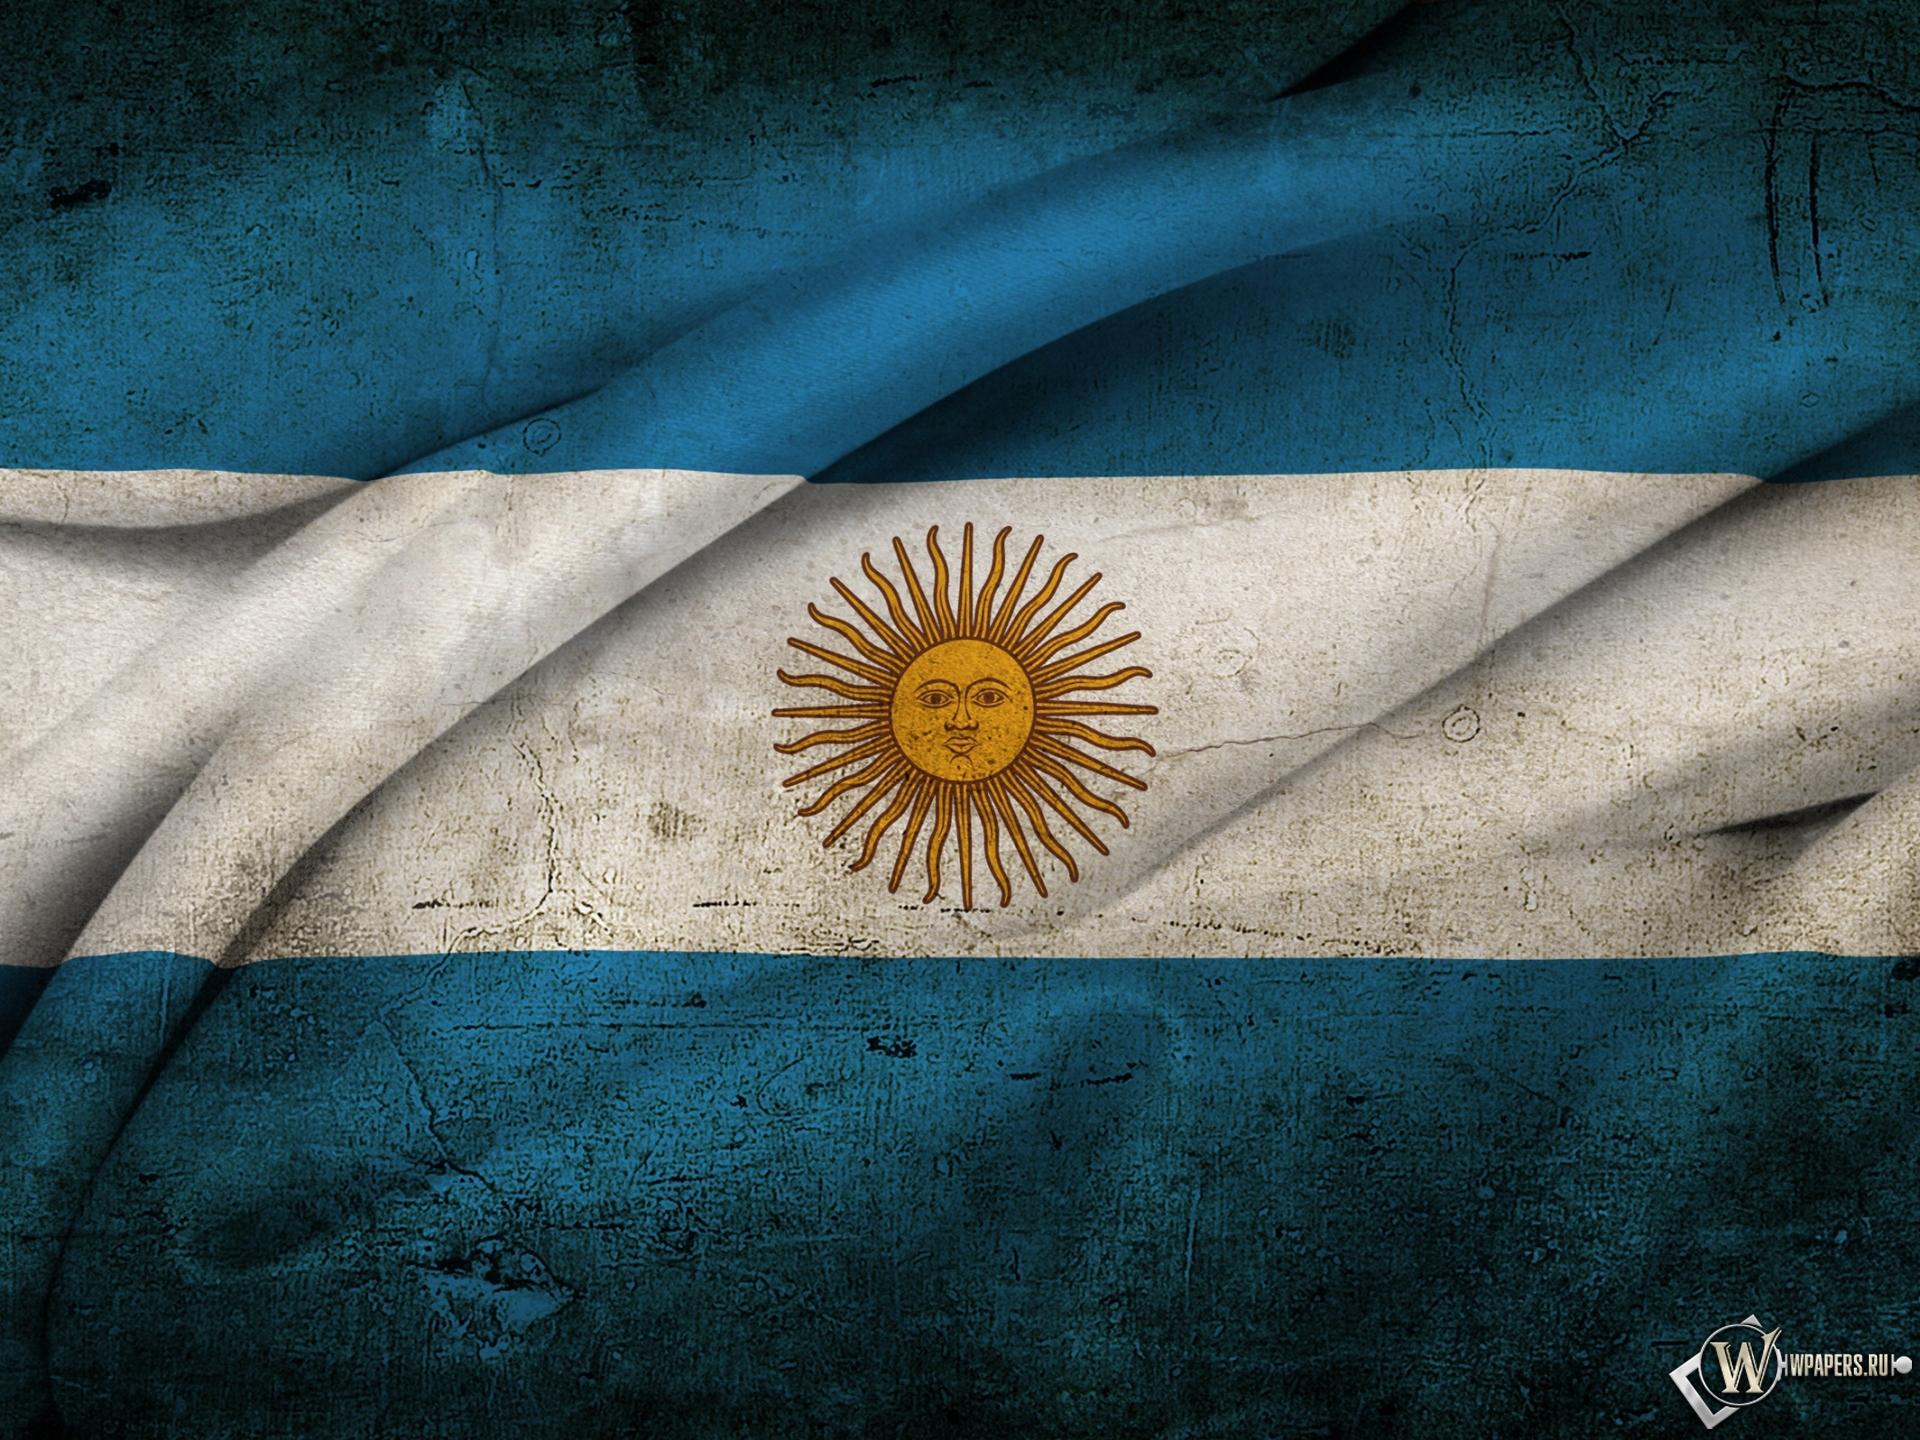 Аргентинский флаг высокое качество картинка инструкция поможет